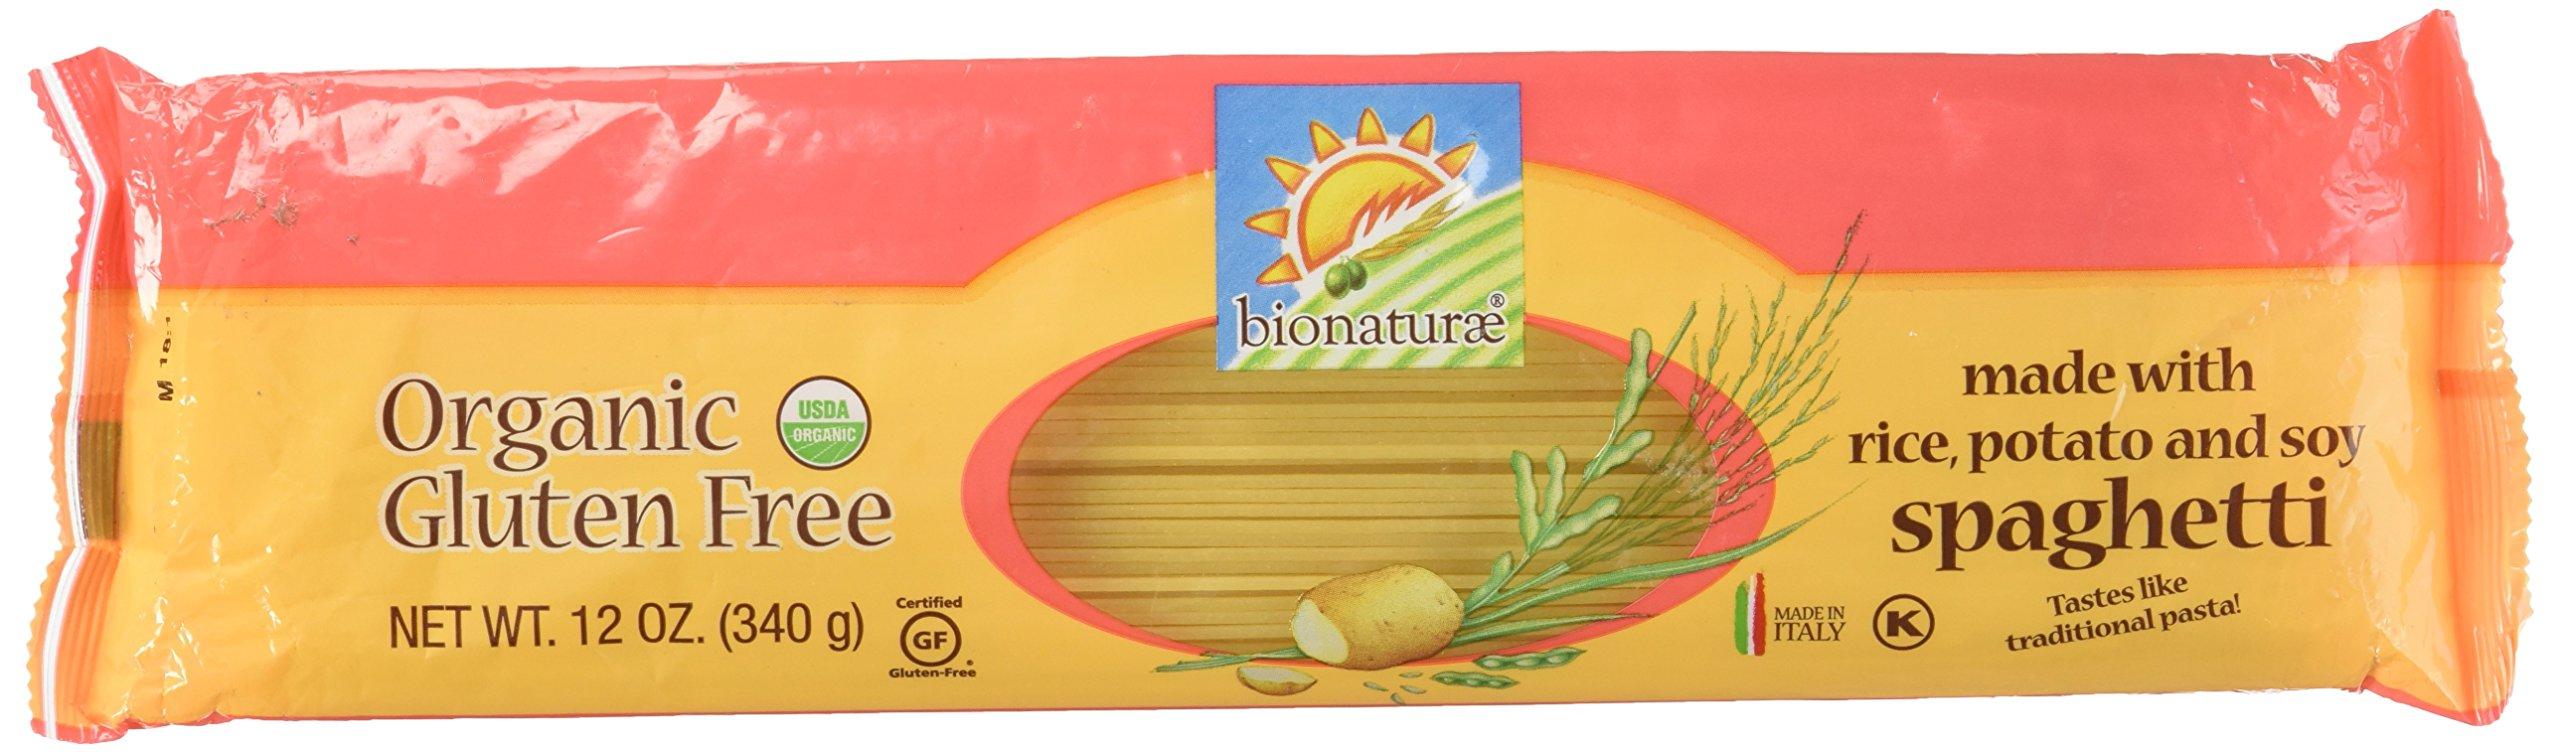 Bionaturae Organic Gluten Free Spaghetti Pasta, 12 Ounce - 12 per case.